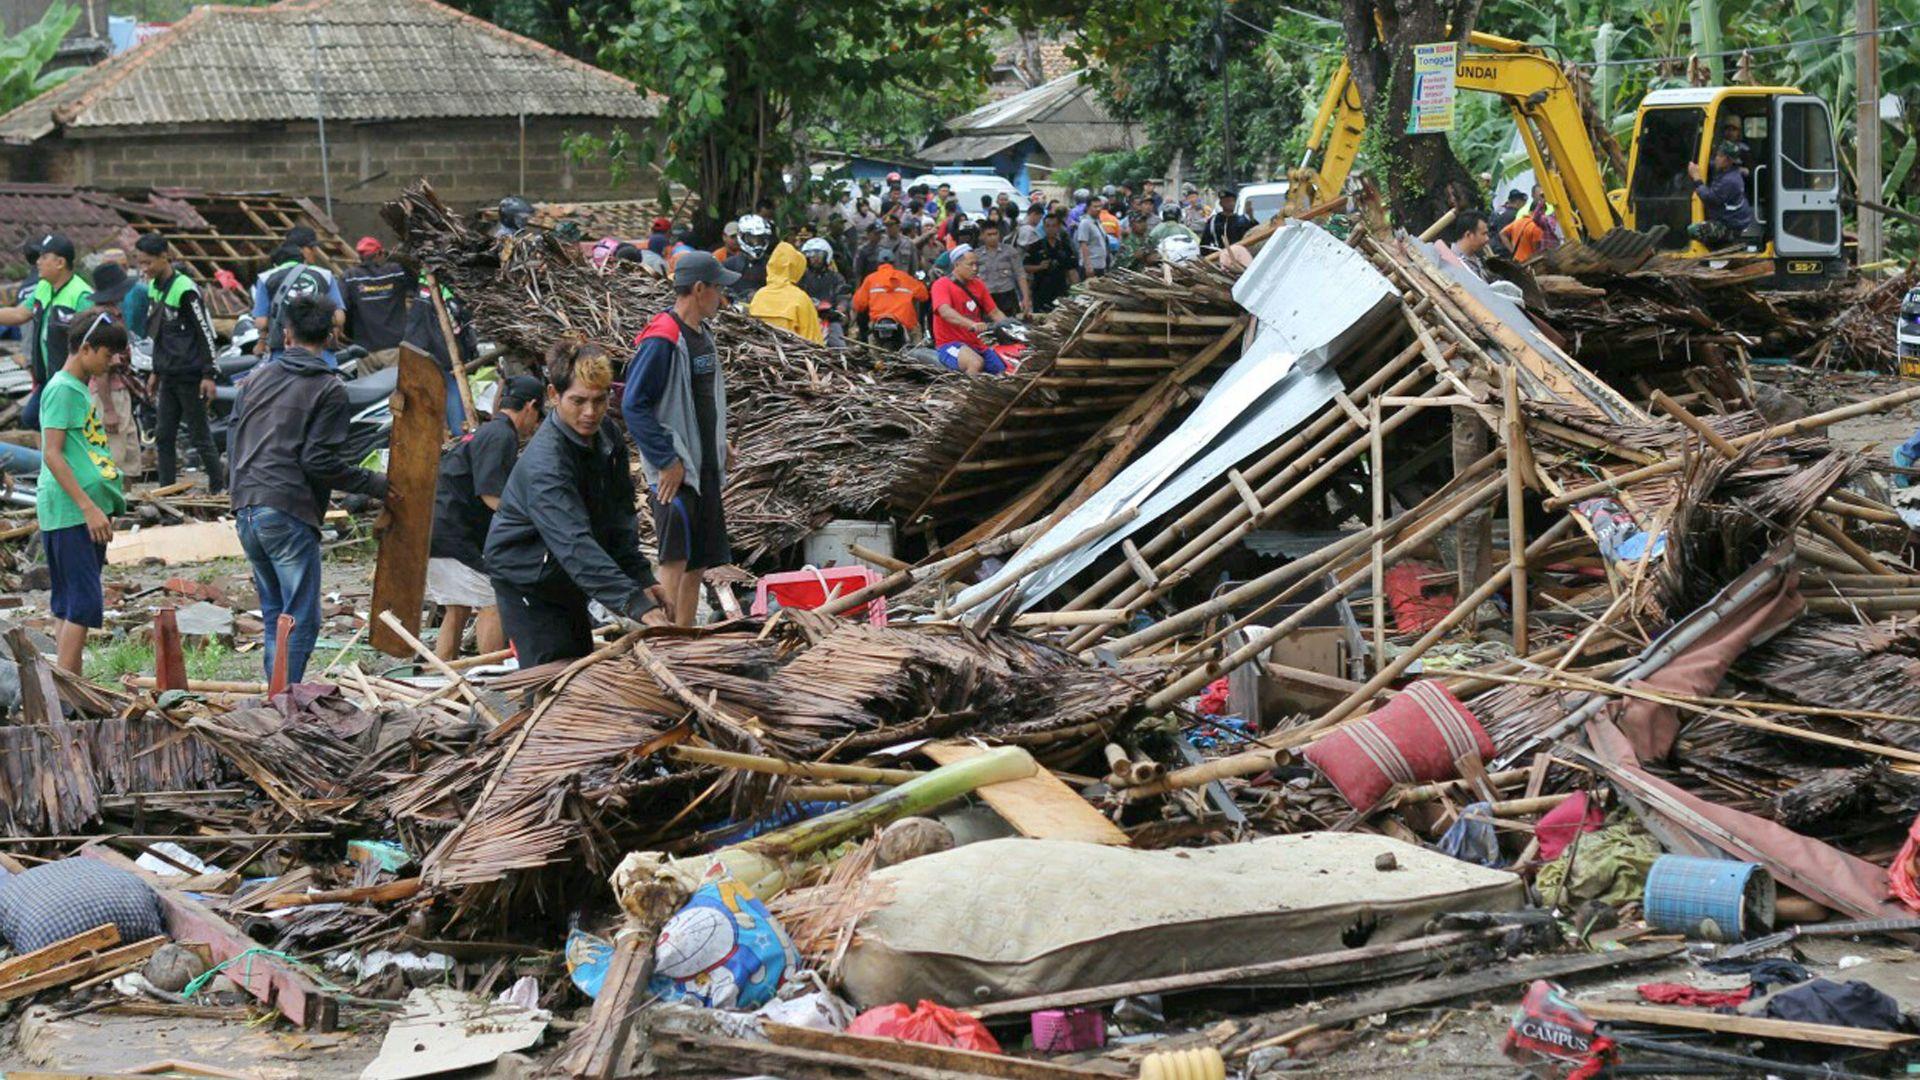 Вулкан предизвика цунами в Индонезия - има стотици жертви и ранени (видео)